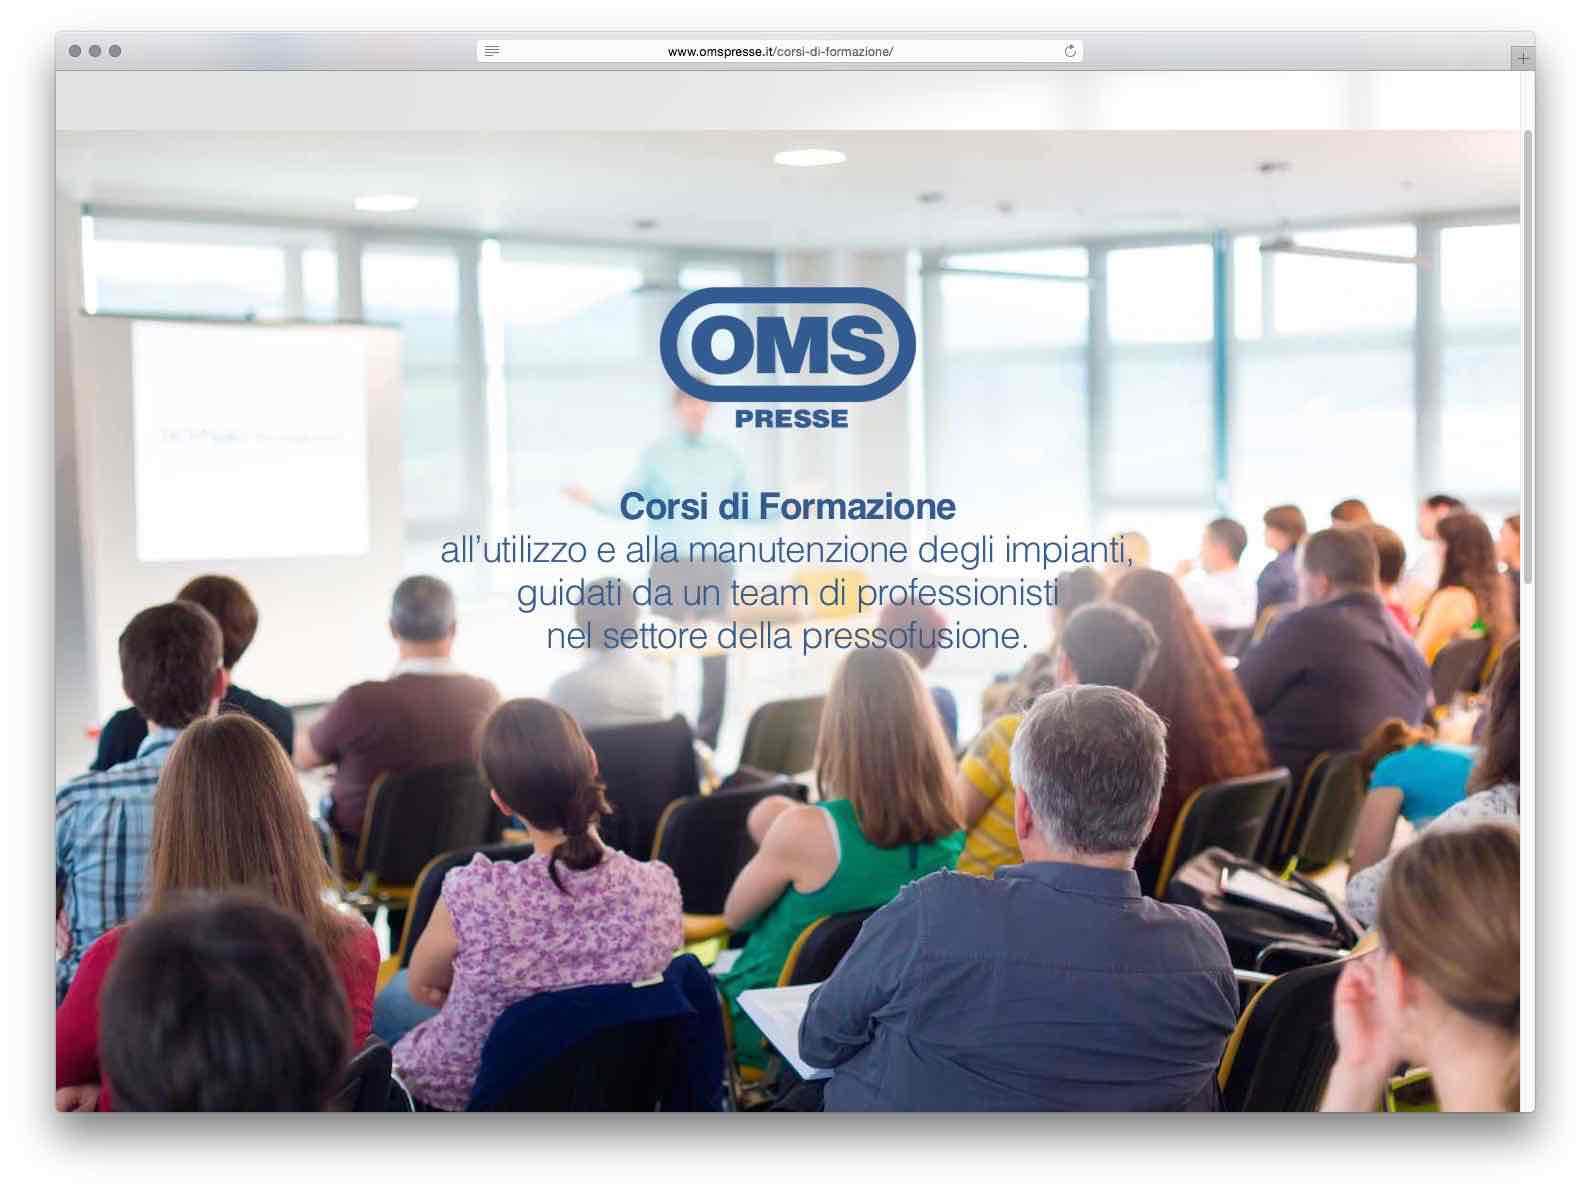 creazione siti web brescia - sito web oms presse